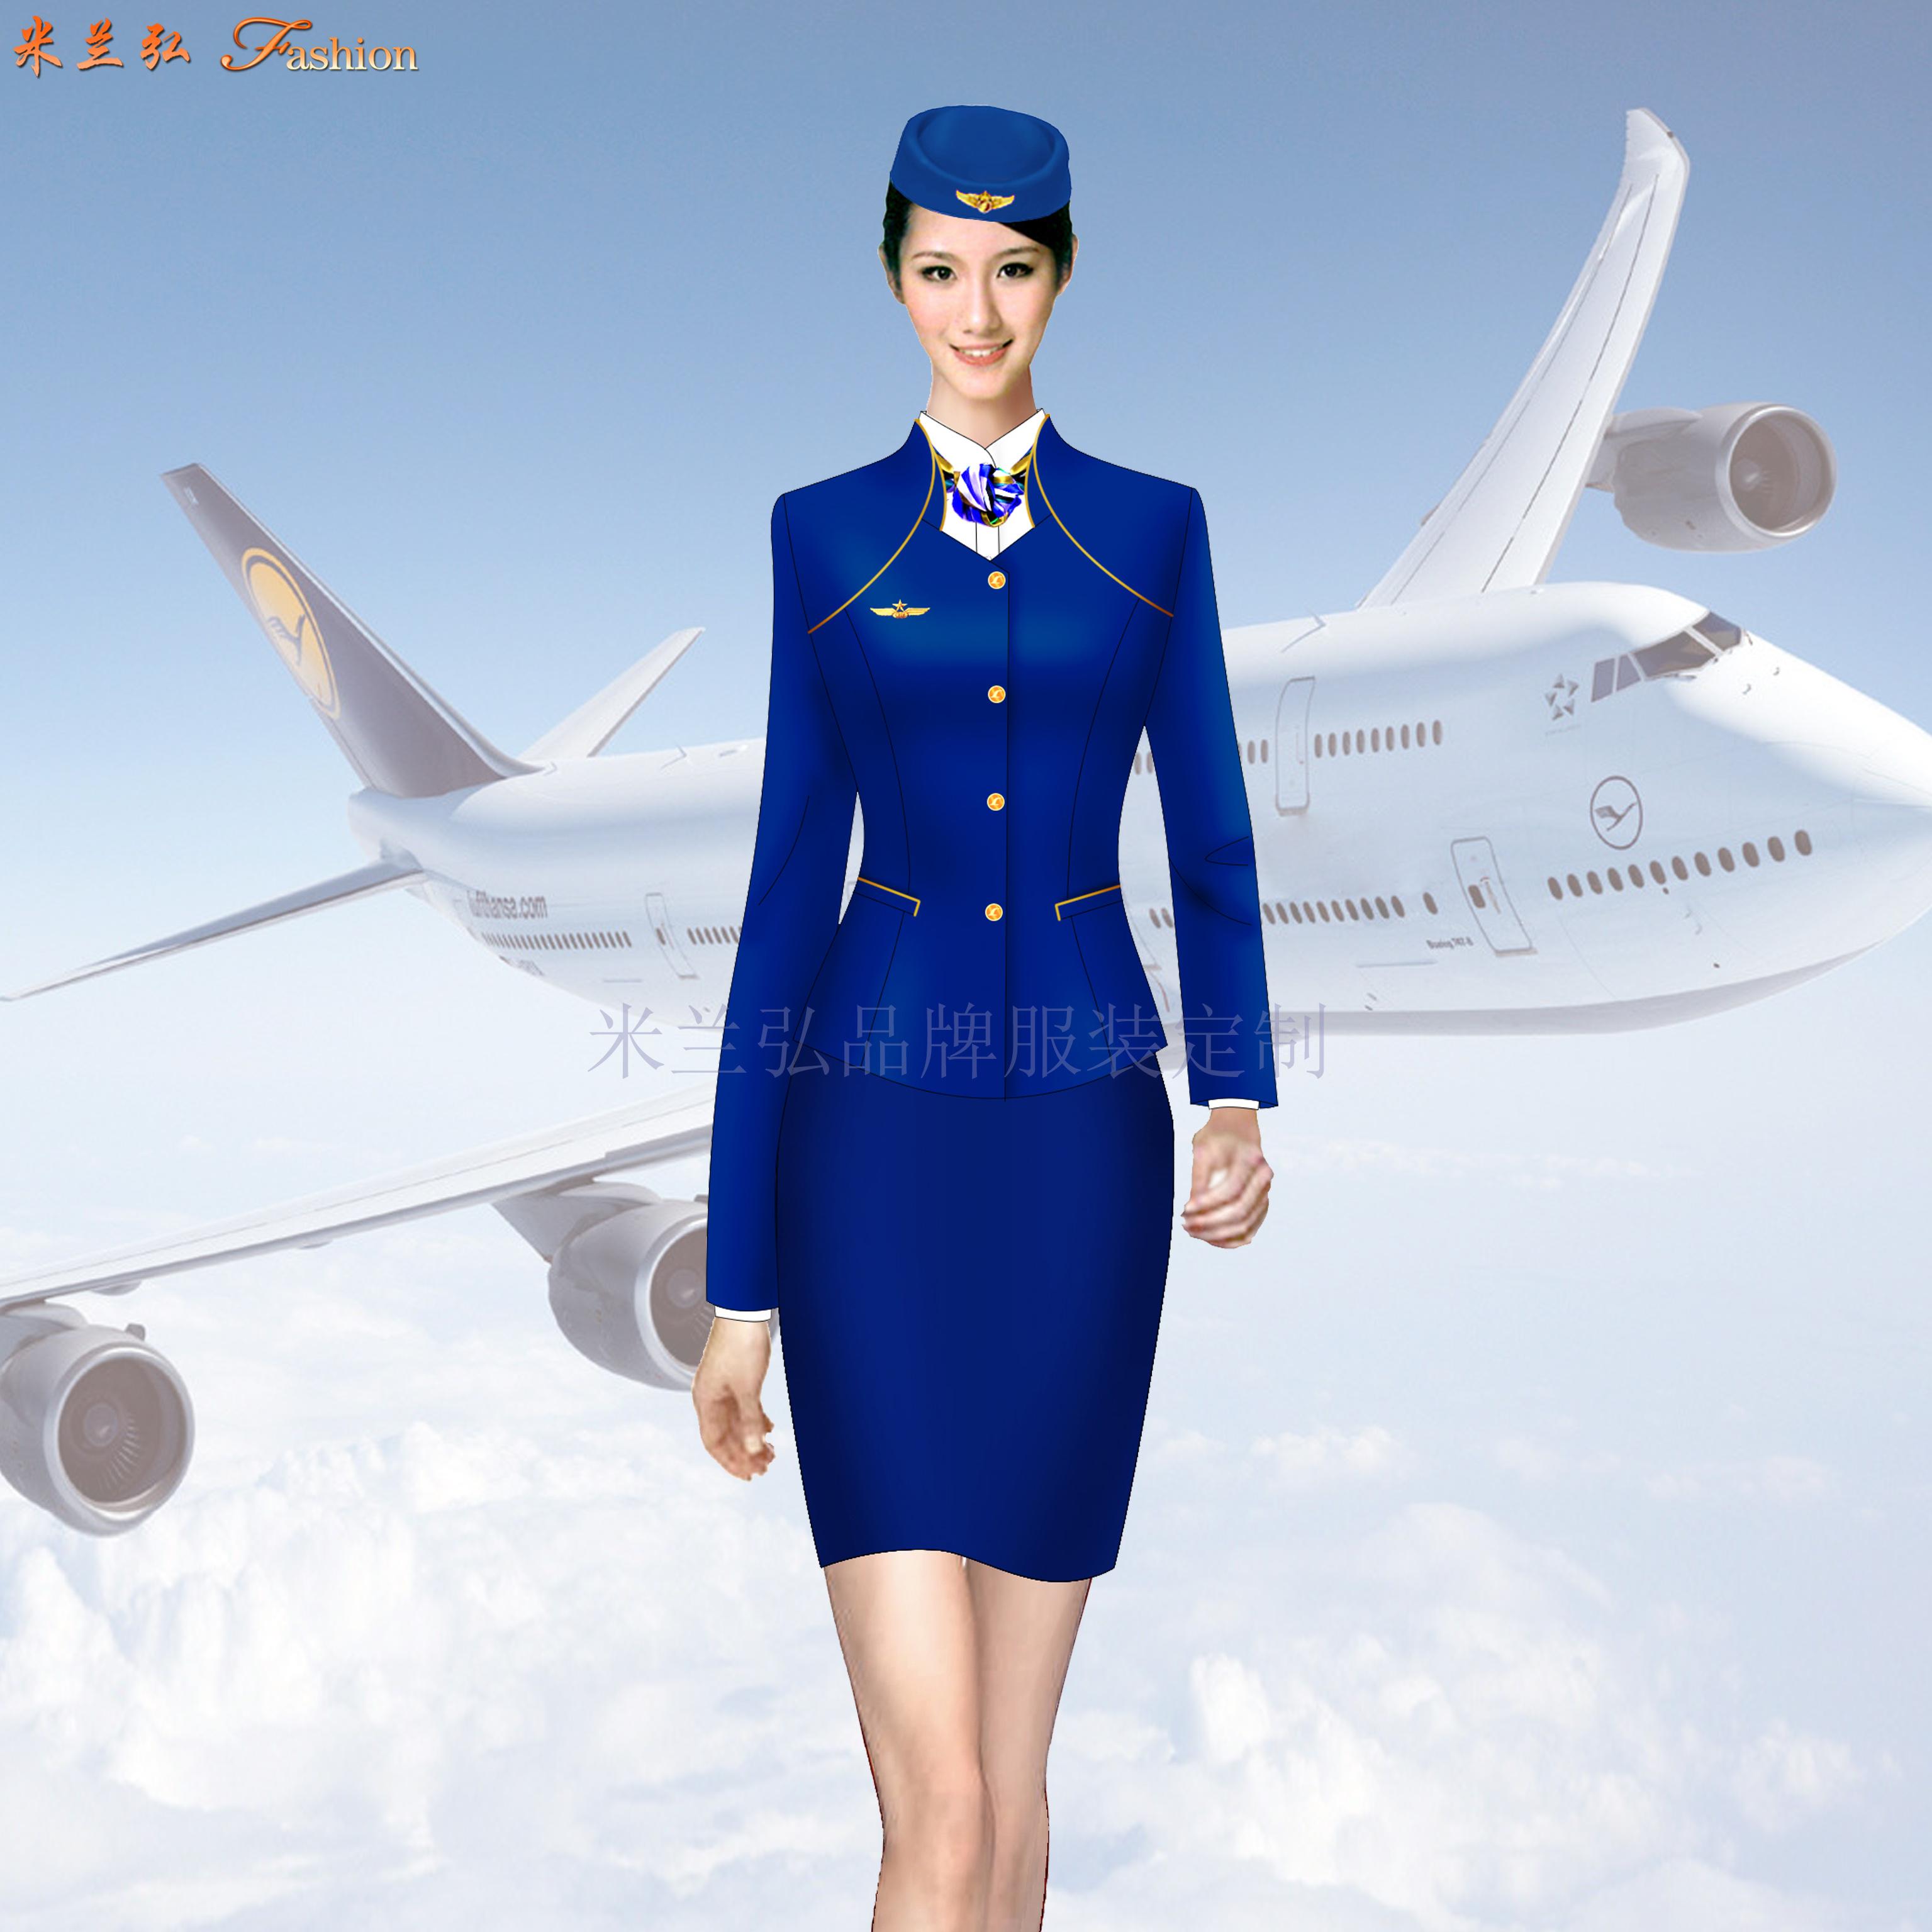 成都空姐服定制-空姐服设计制作公司-米兰弘服装-5